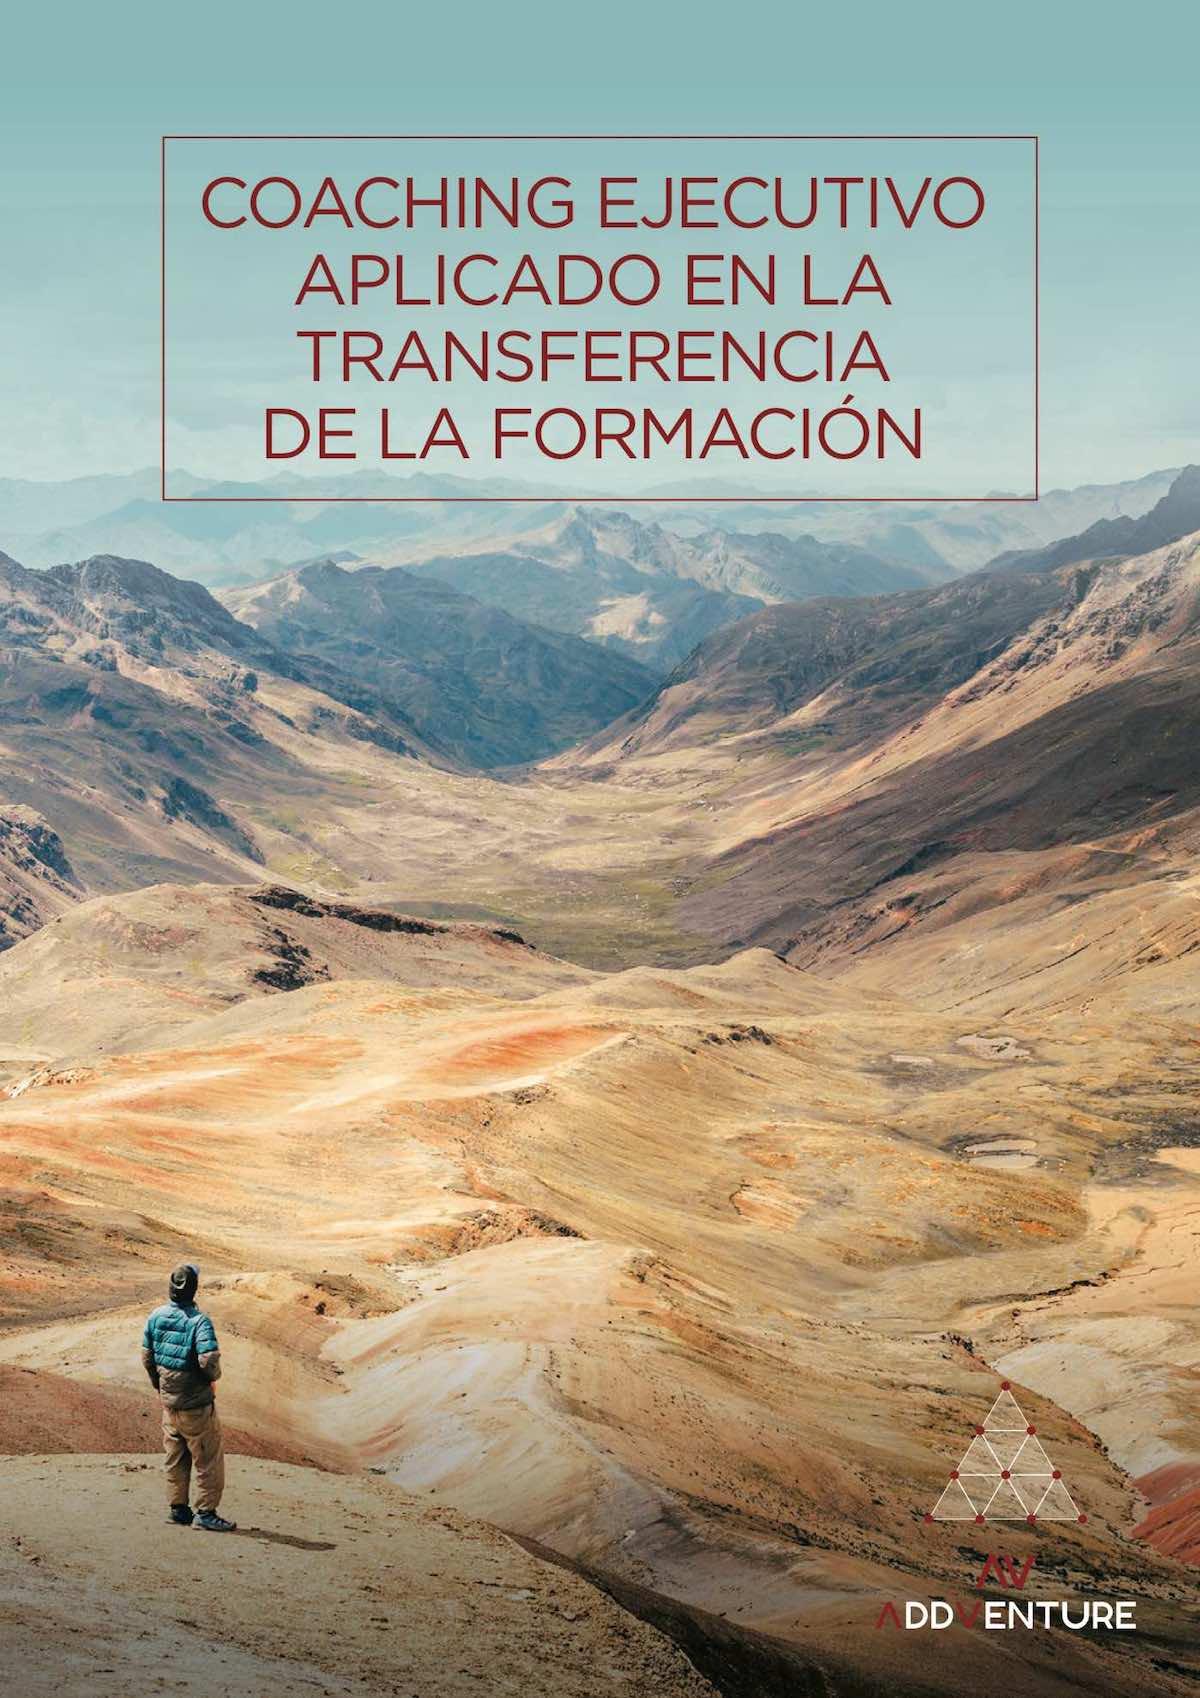 Coaching Ejecutivo aplicado en la transferencia de la información. Autor: Pablo Tovar. AddVenture dossier.